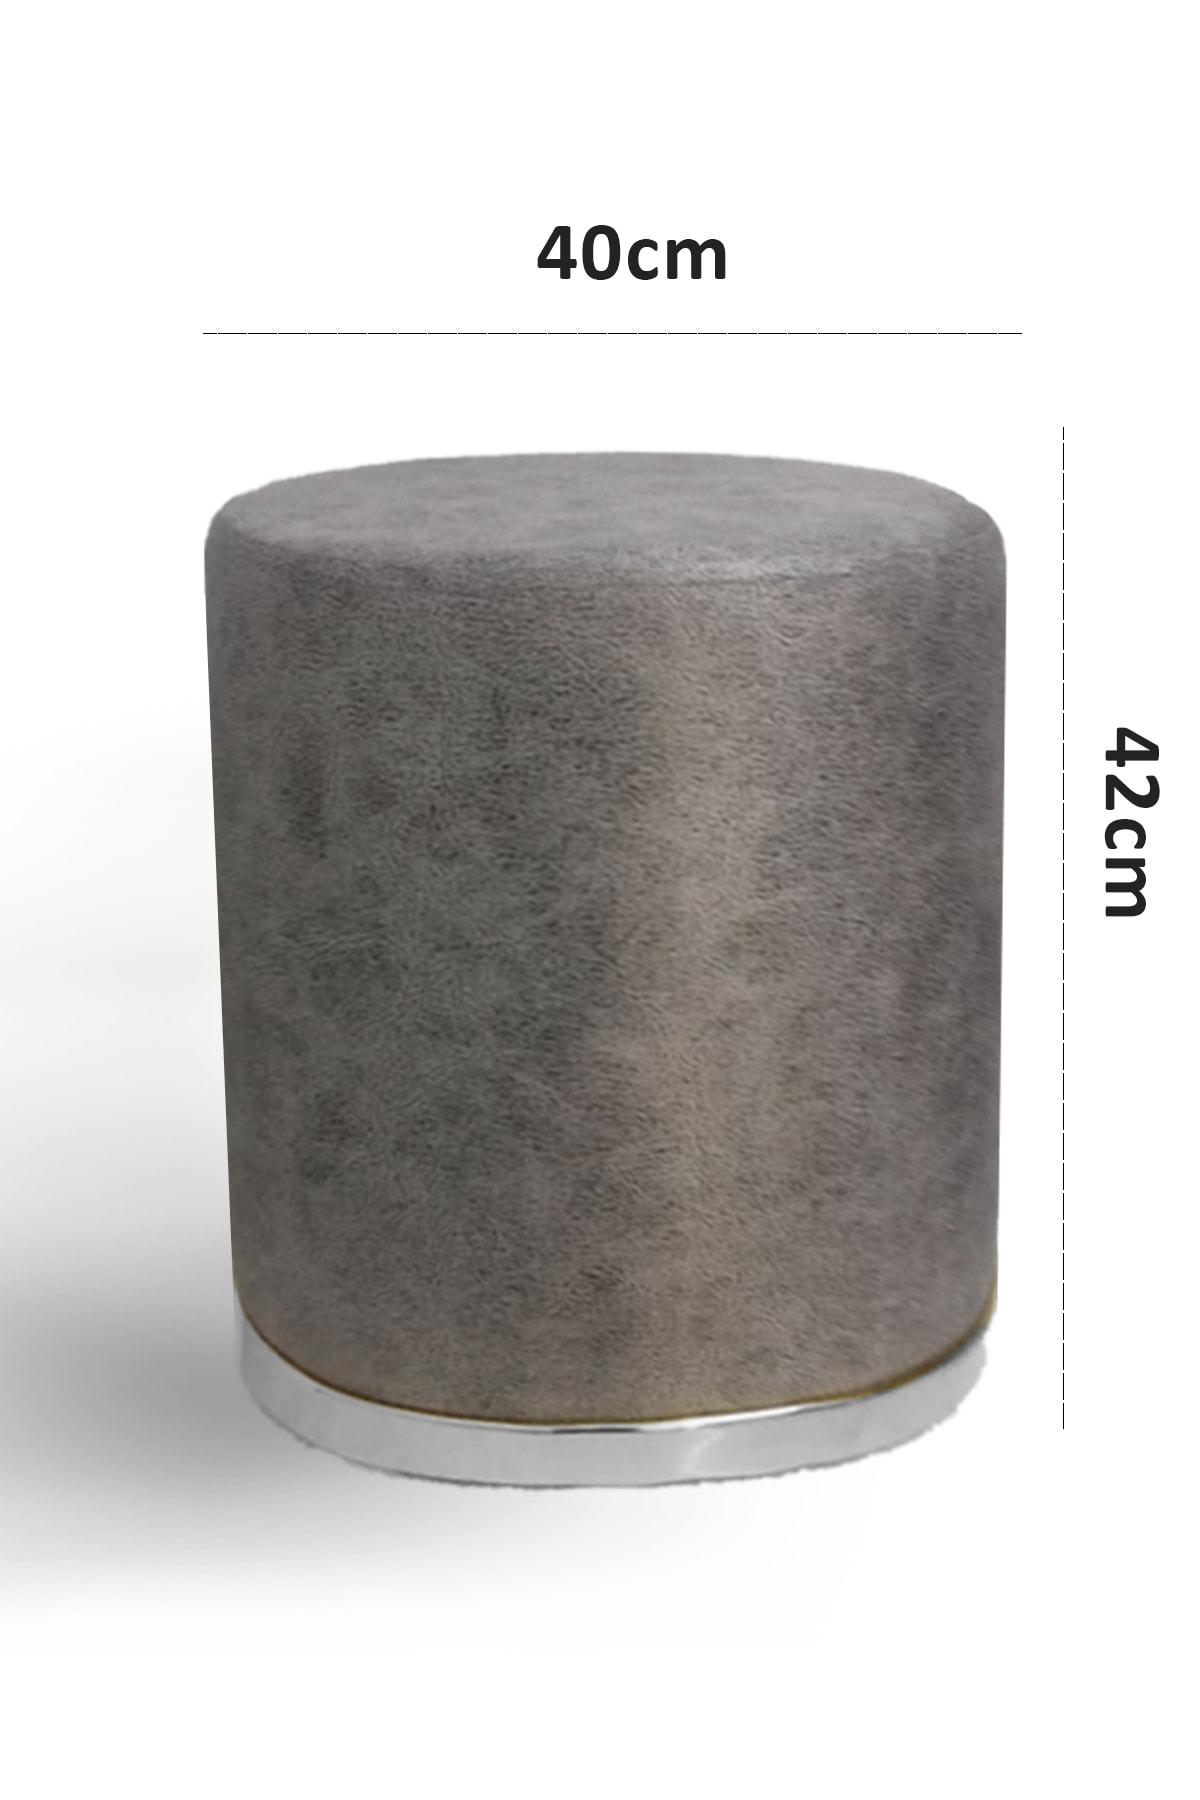 Zem Nora Silinebilir Puf - Grey Silver 2